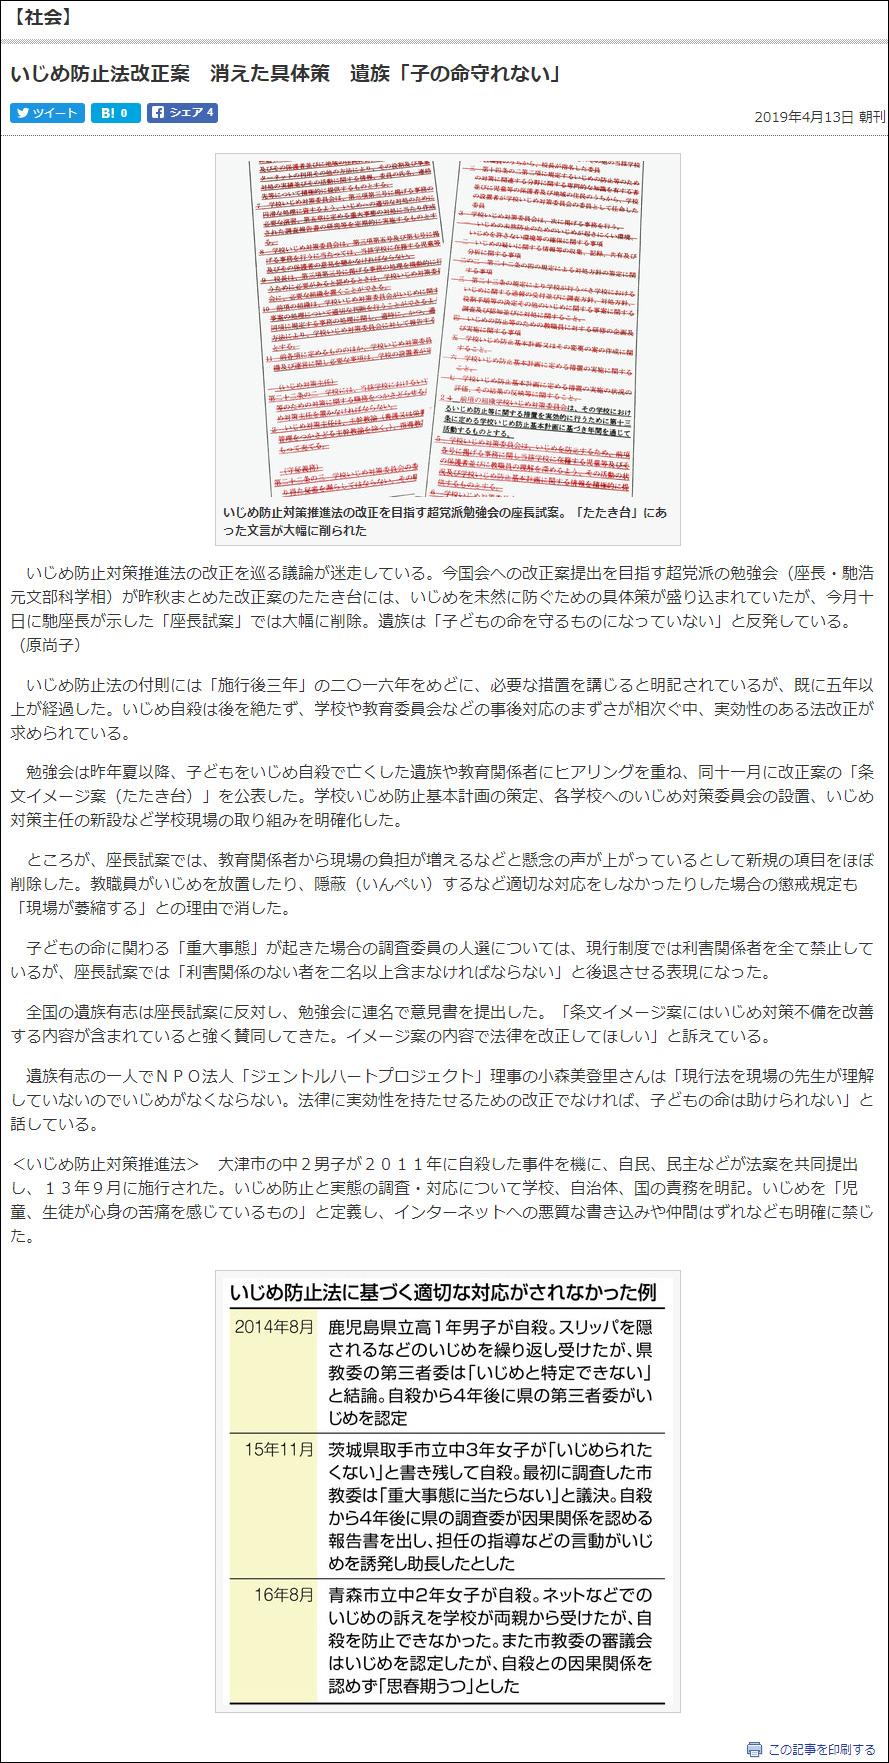 小森美登里:東京新聞掲載「いじめ防止法改正案 消えた具体策 遺族『子の命守れない』」